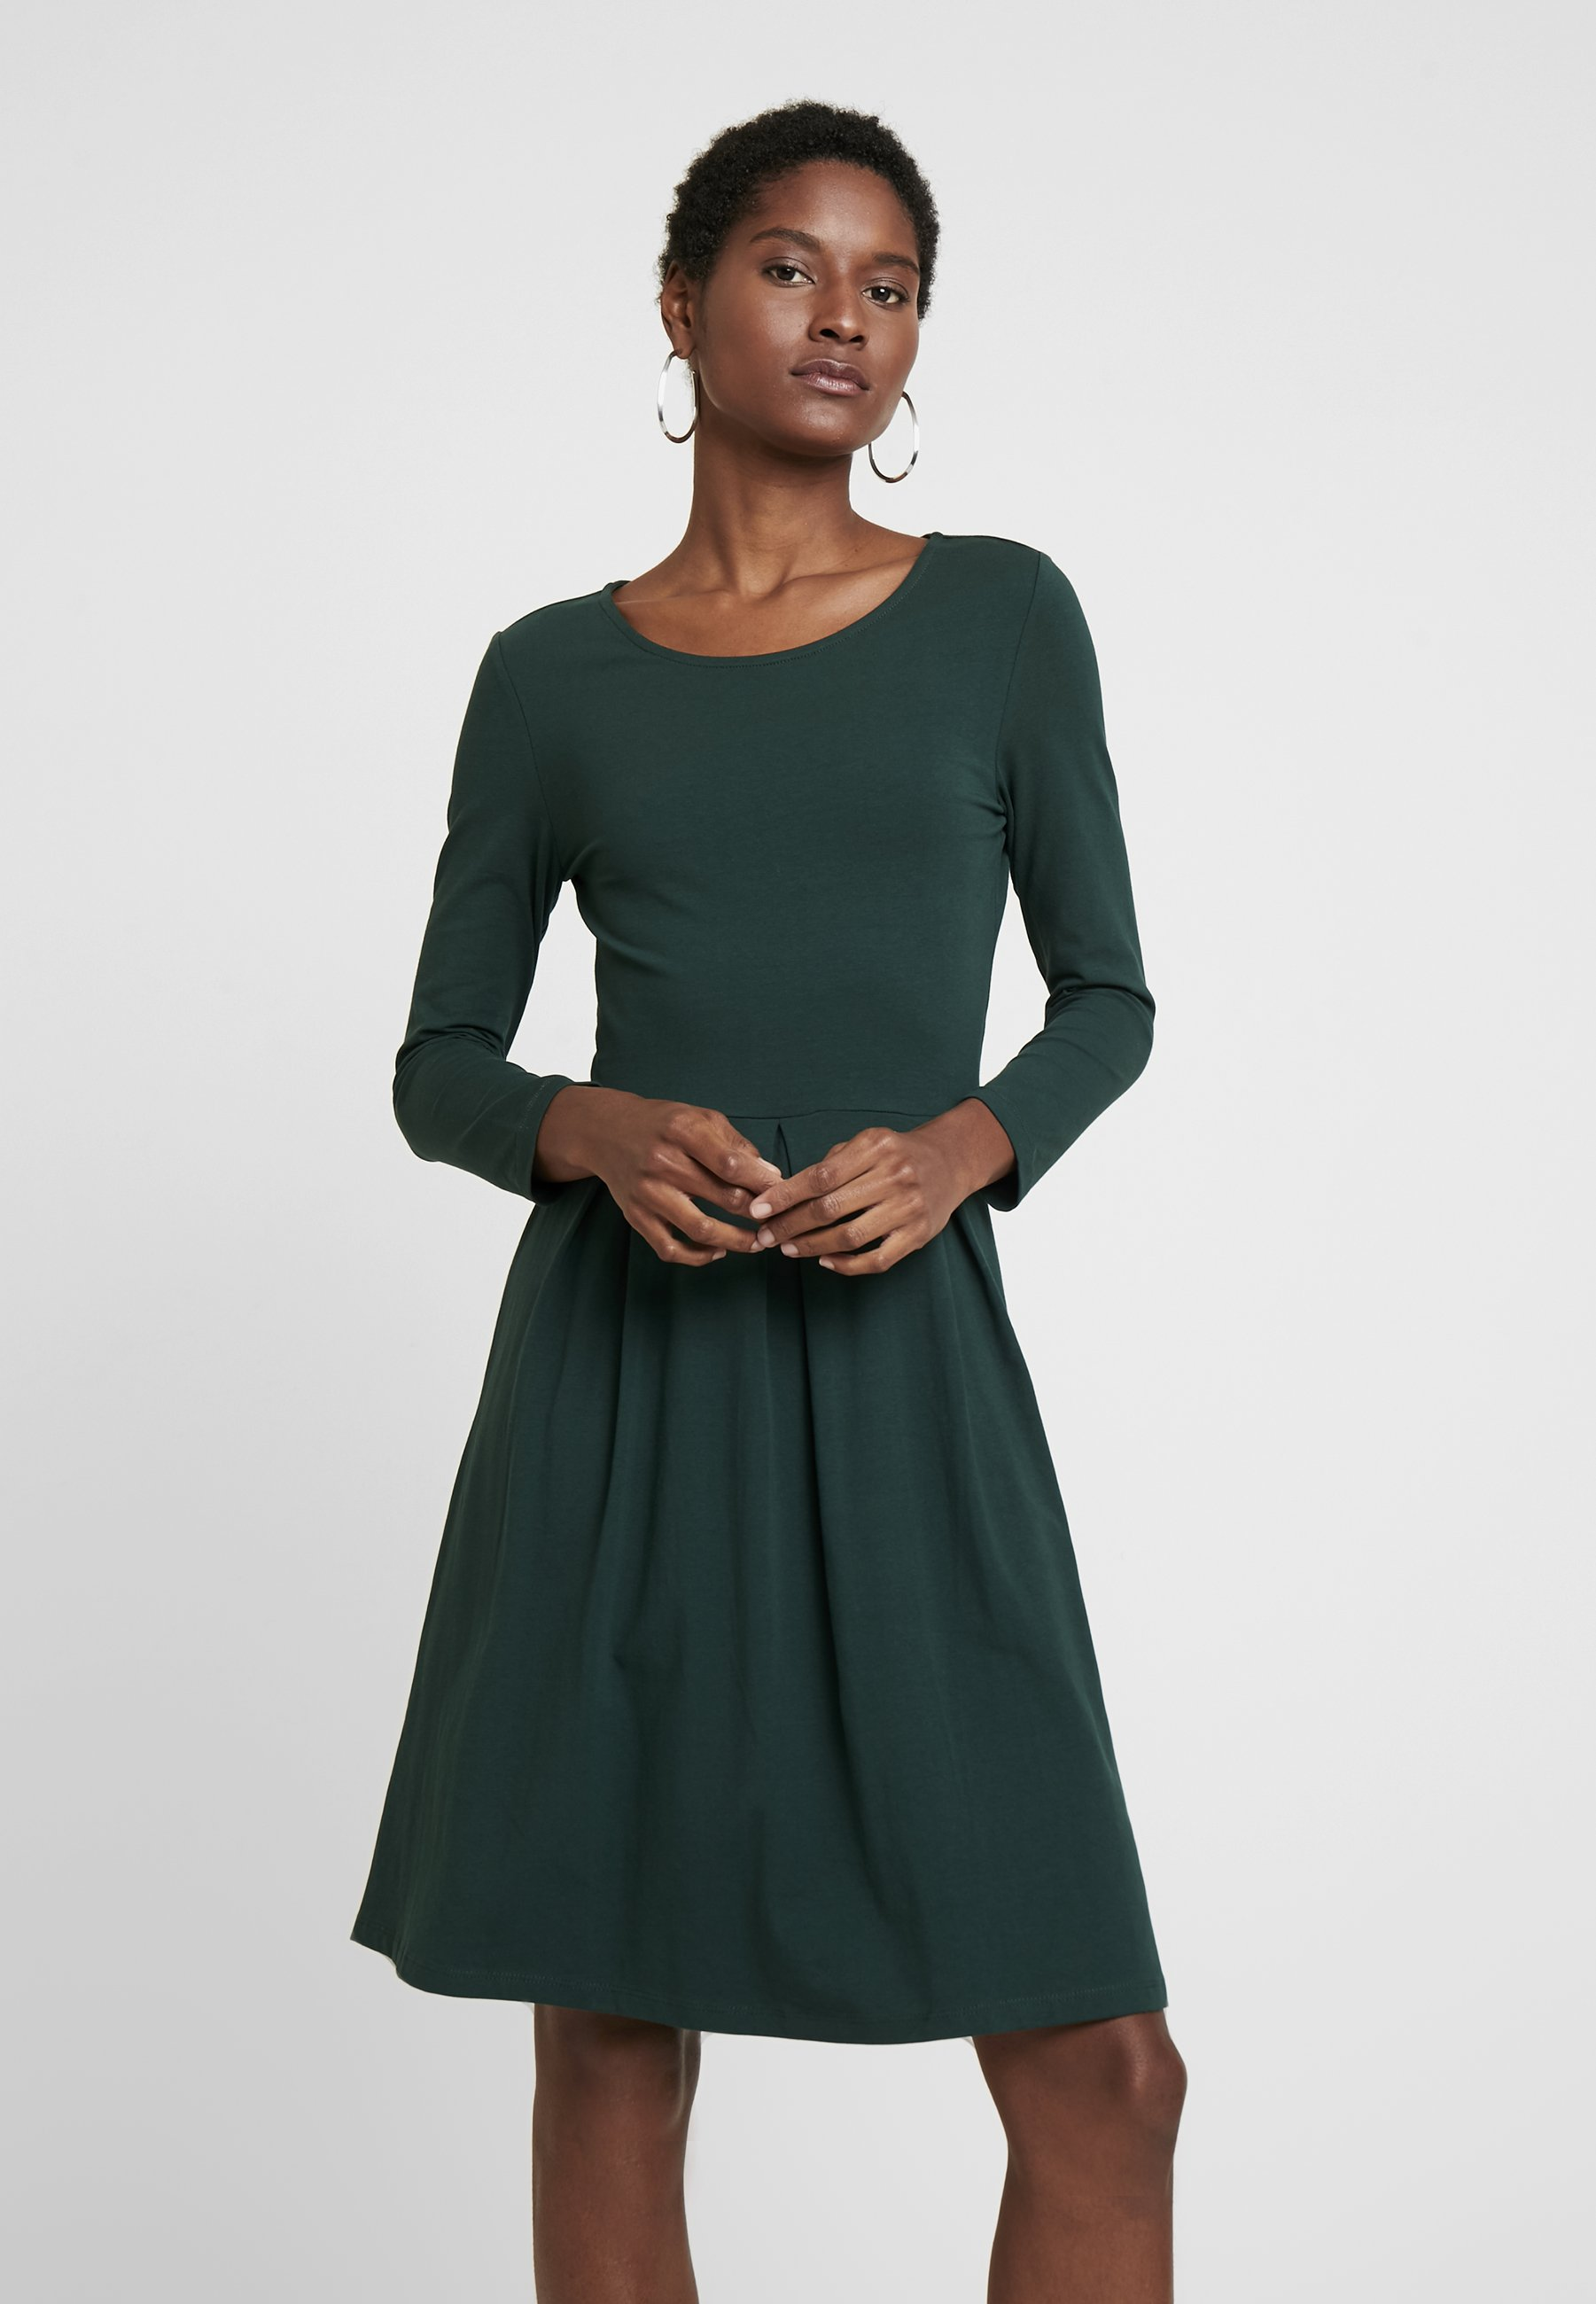 Lila Klänningar online | Köp din klänning på Zalando.se